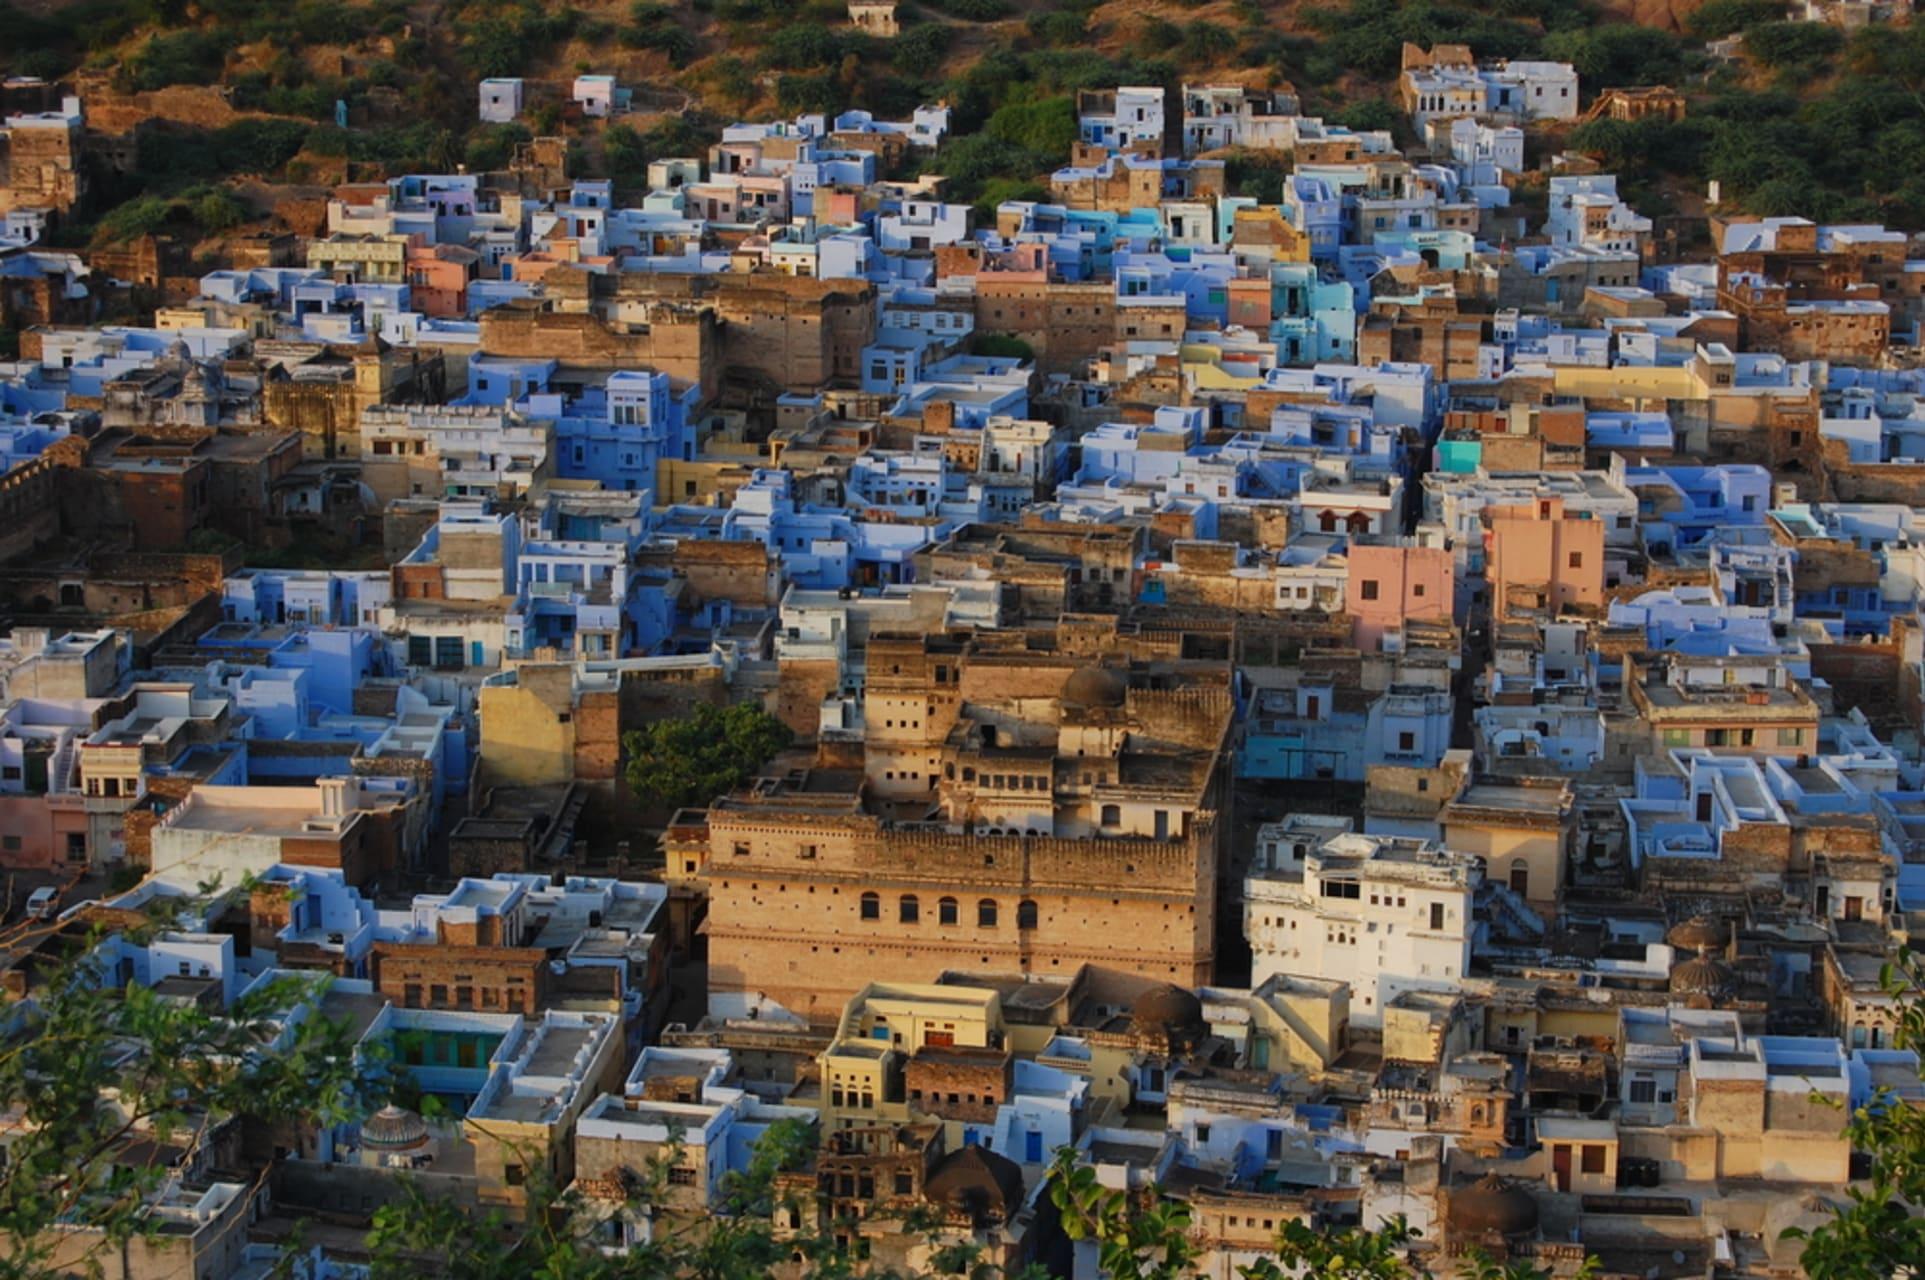 Bundi - Colours of Bundi